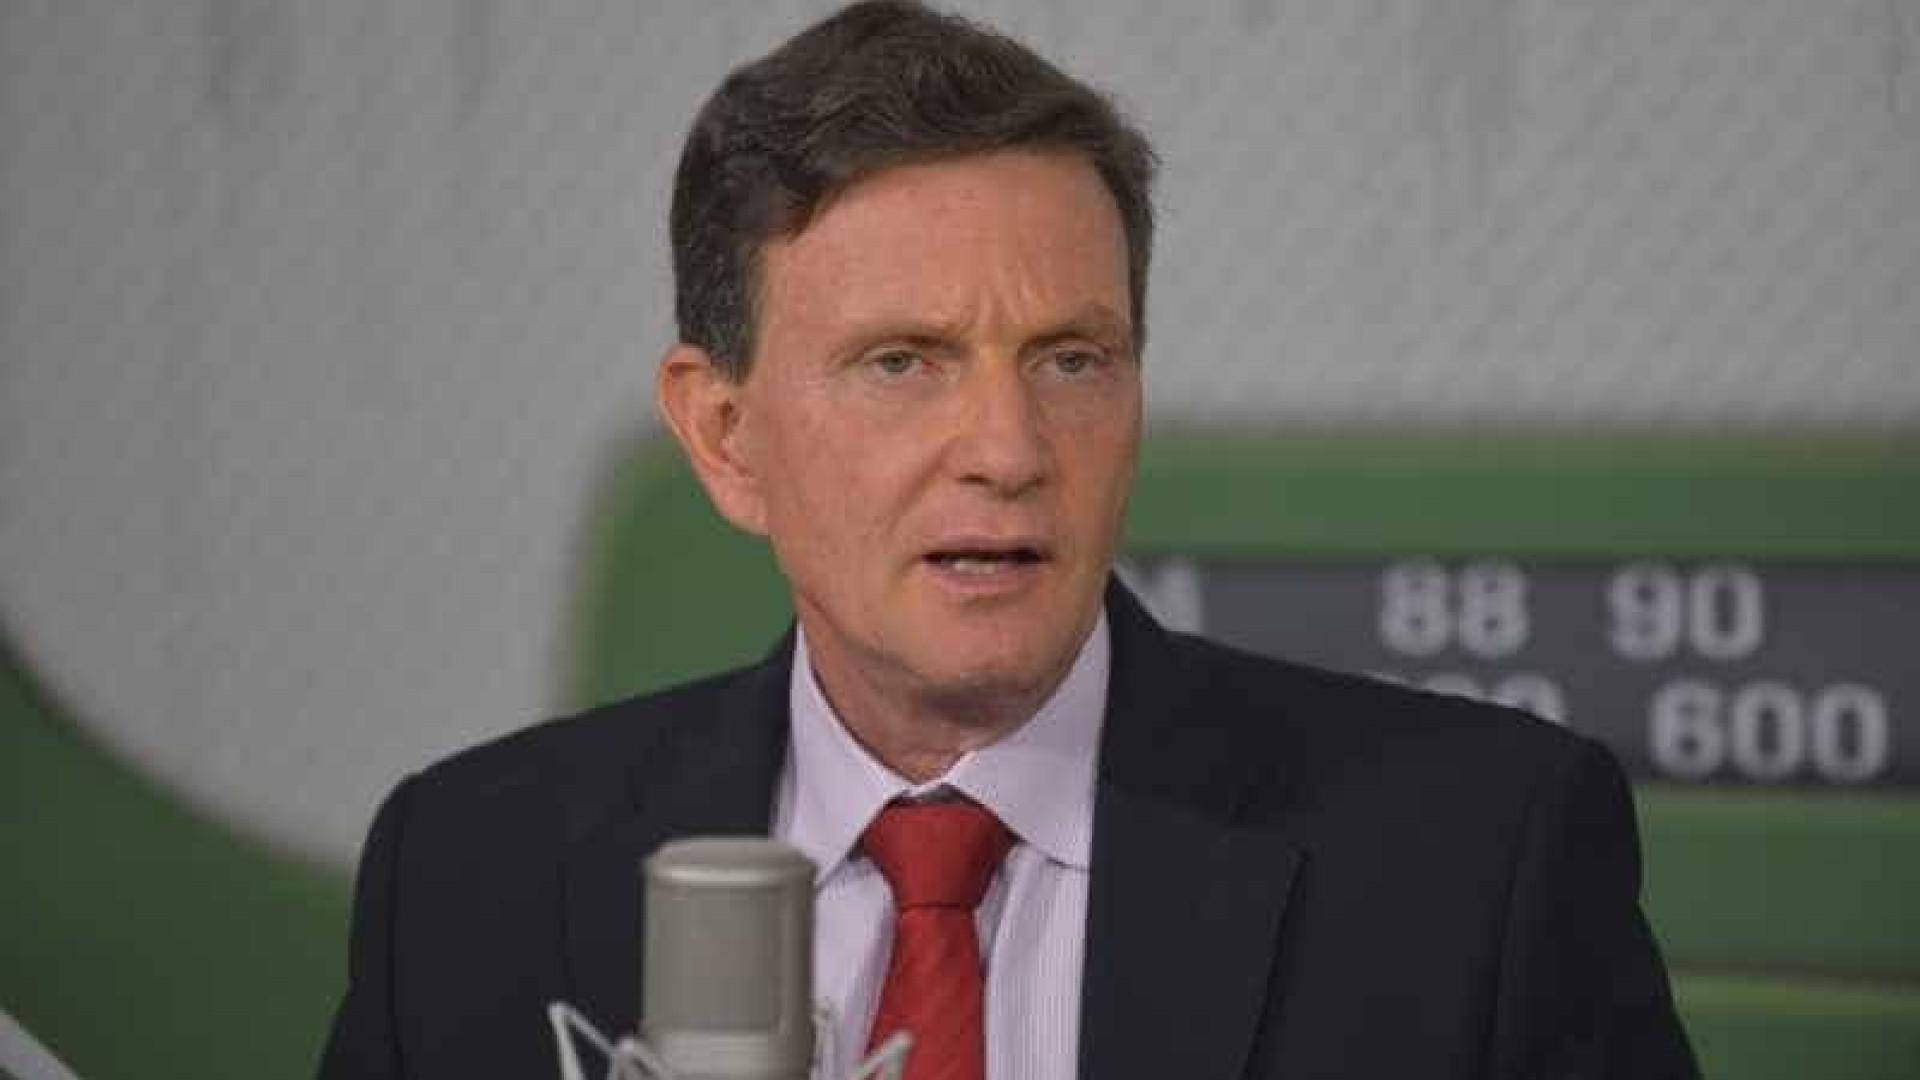 Crivella vence as eleições municipais do Rio